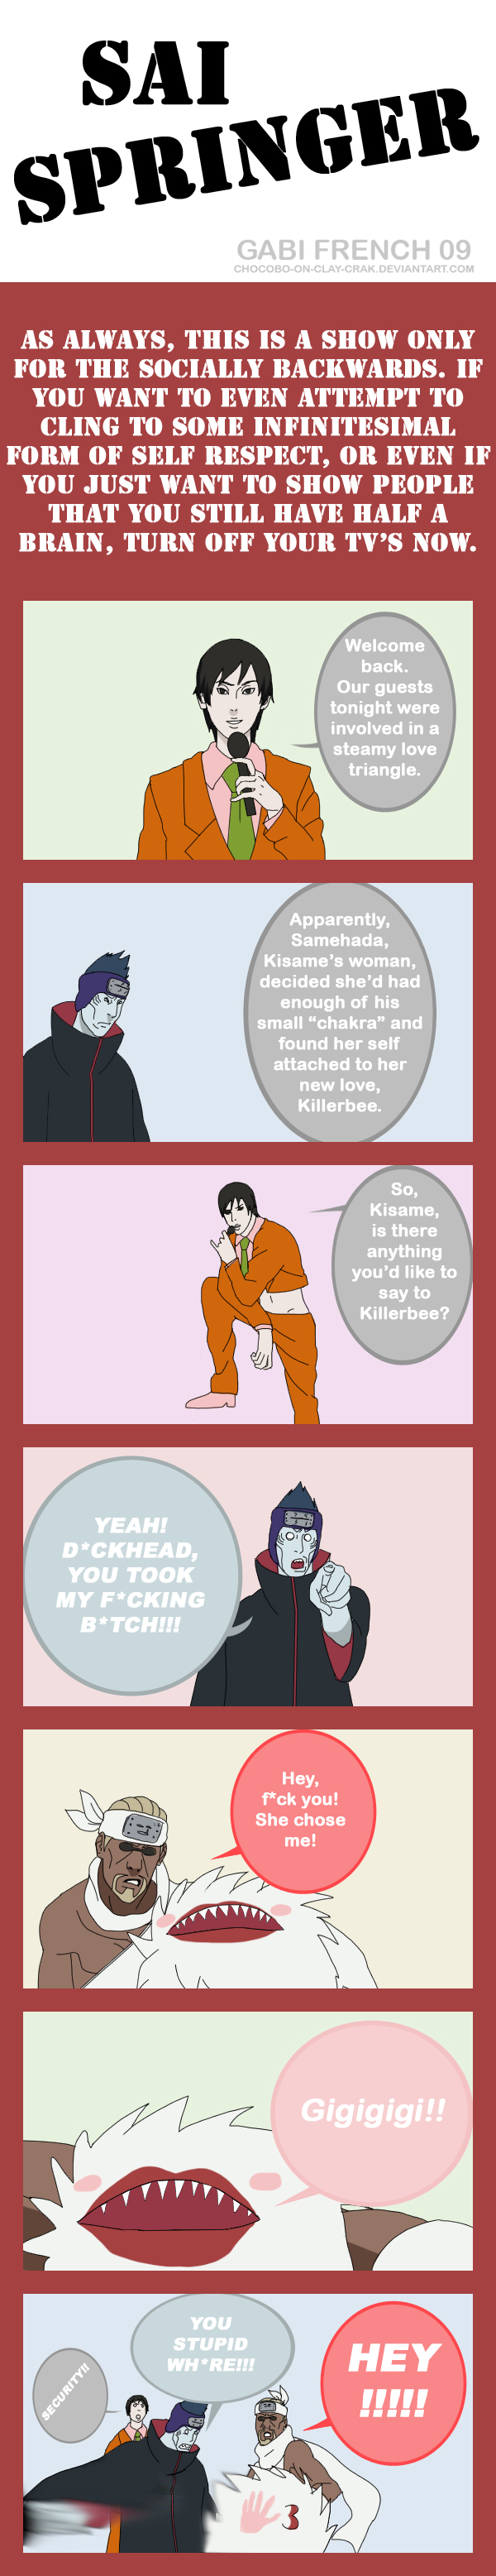 Imágenes graciosas, bizarras, estupidas - Página 3 Naruto_472_Parody_by_chocobo_on_clay_crak